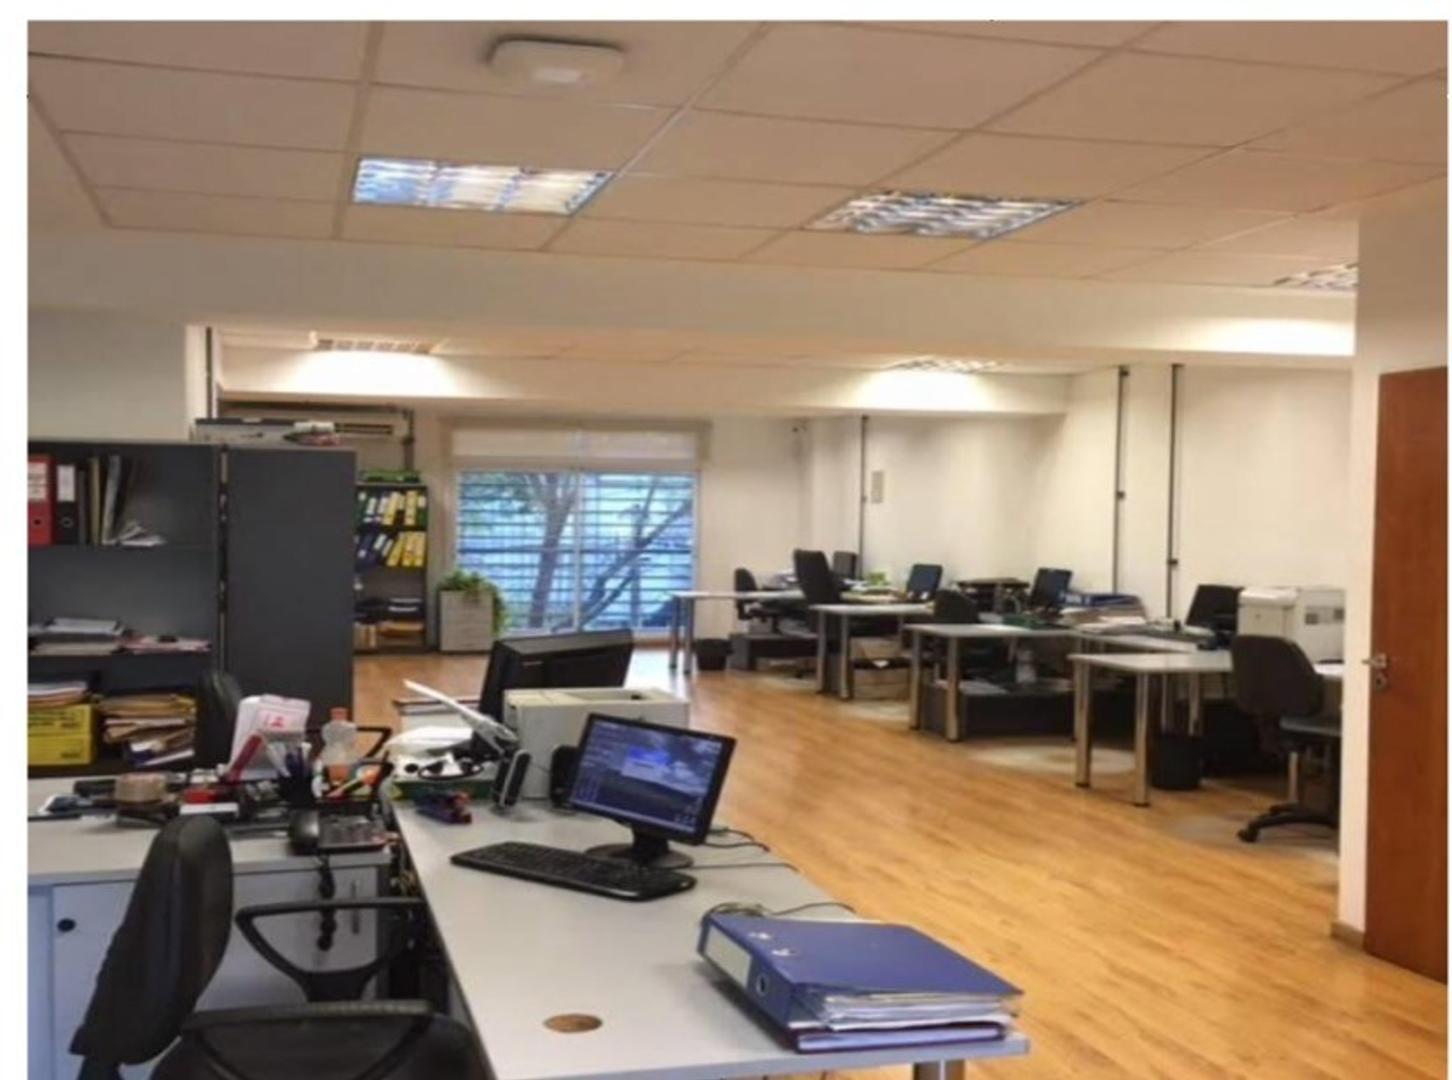 IMPECABLE EDIFICIO, de oficinas con 3 departamentos mas 2 jardines con quincho y parrilla comunes